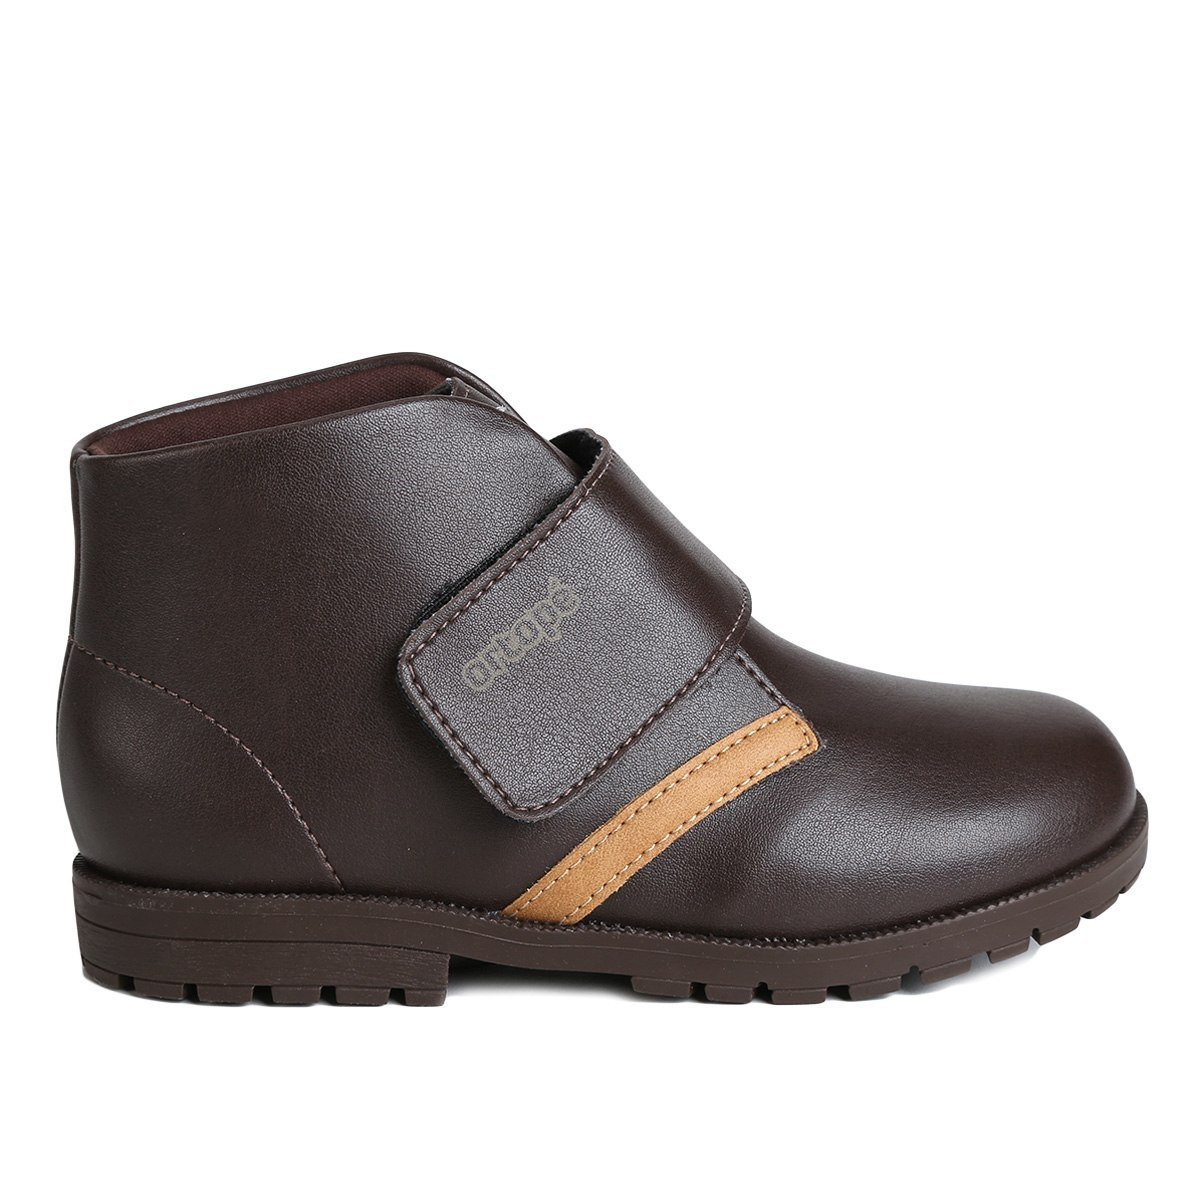 767dfc026 Bota Coturno Ortopé Infantil Menino Baby Boot Café 2119078 2119078 ...